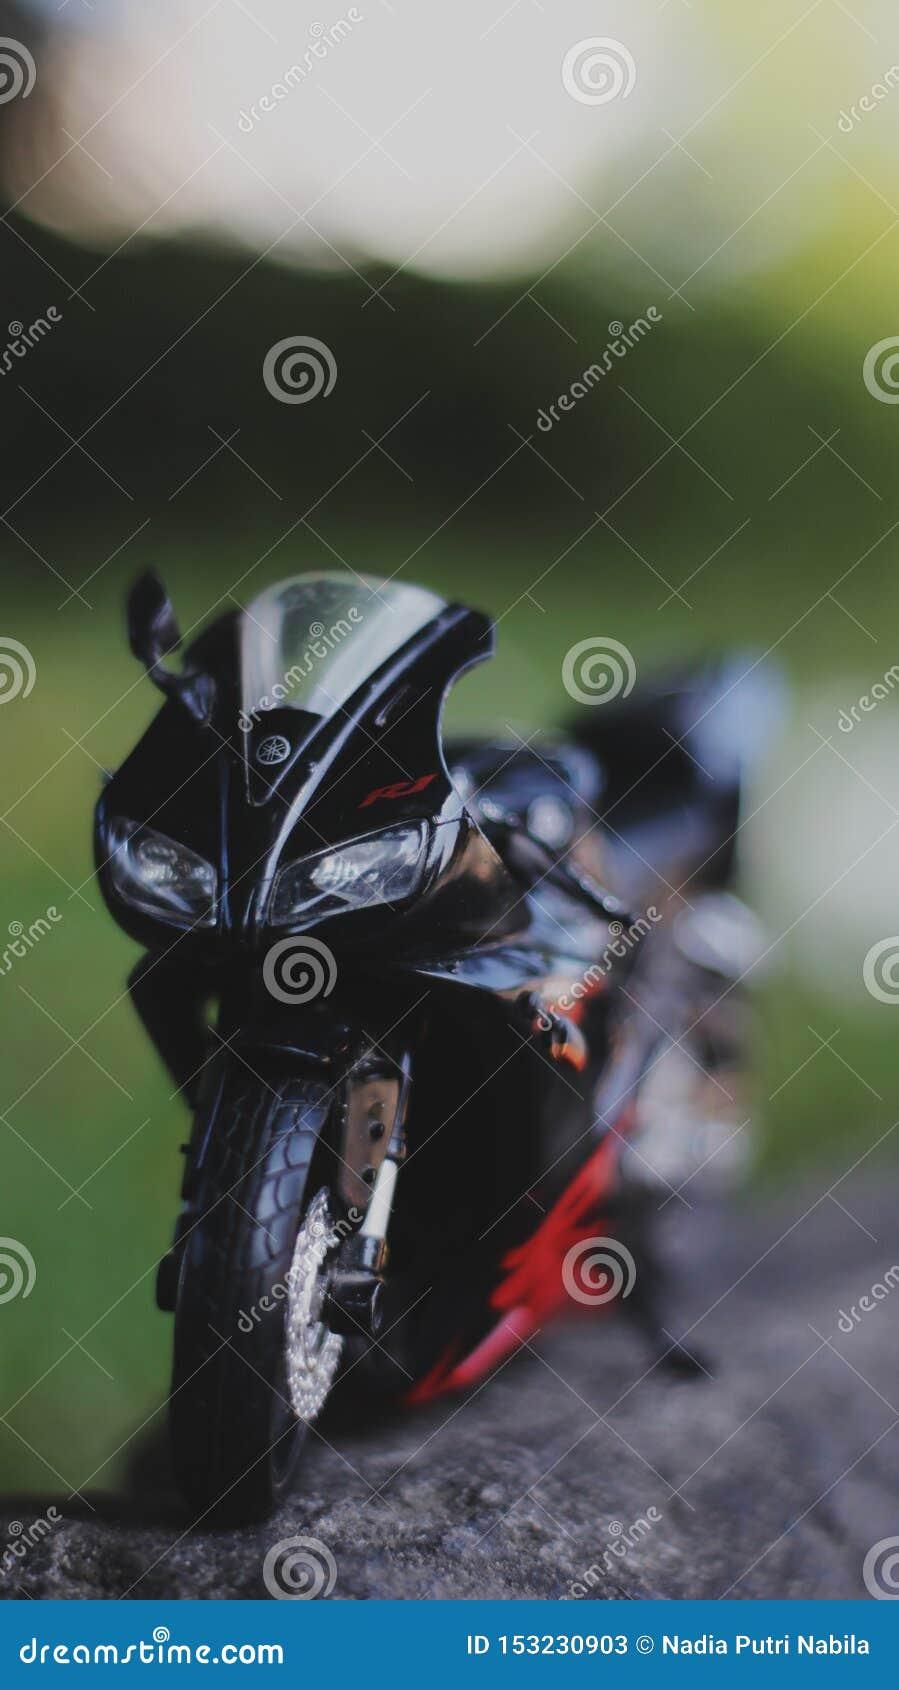 Μια στενή επάνω φωτογραφία μικροσκοπικού υπαίθριου μοτοσικλετών